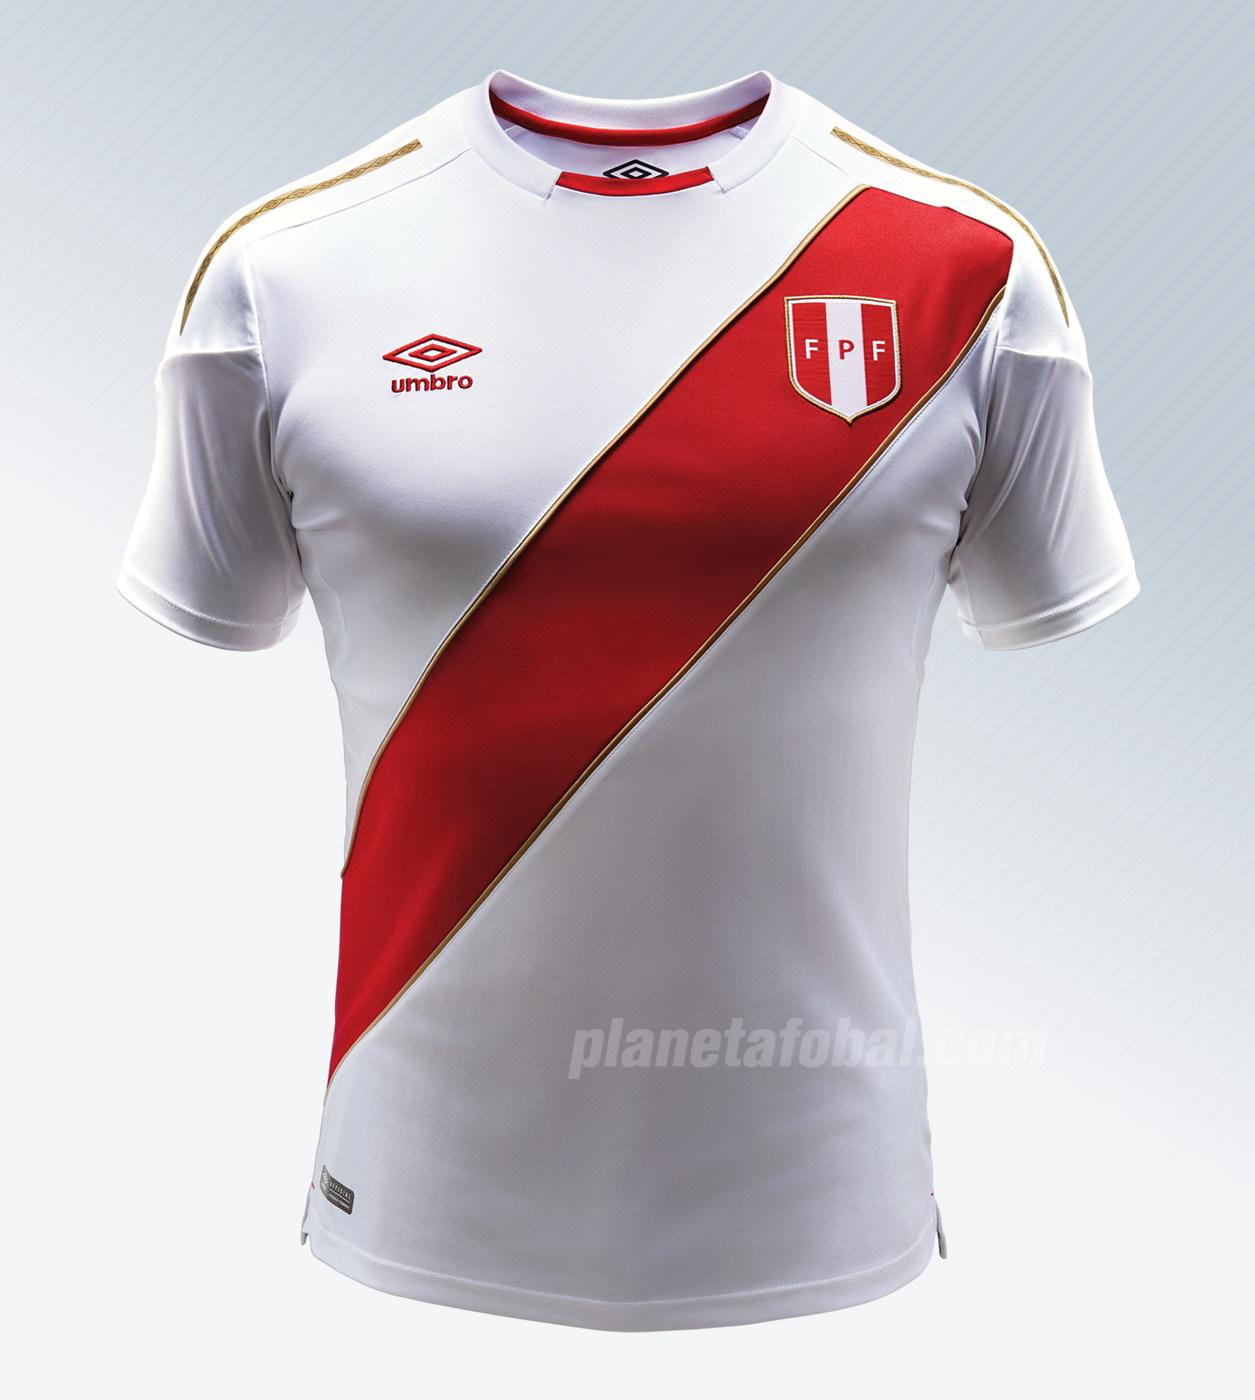 Nueva camiseta para Rusia 2018 de Perú | Imagen Umbro